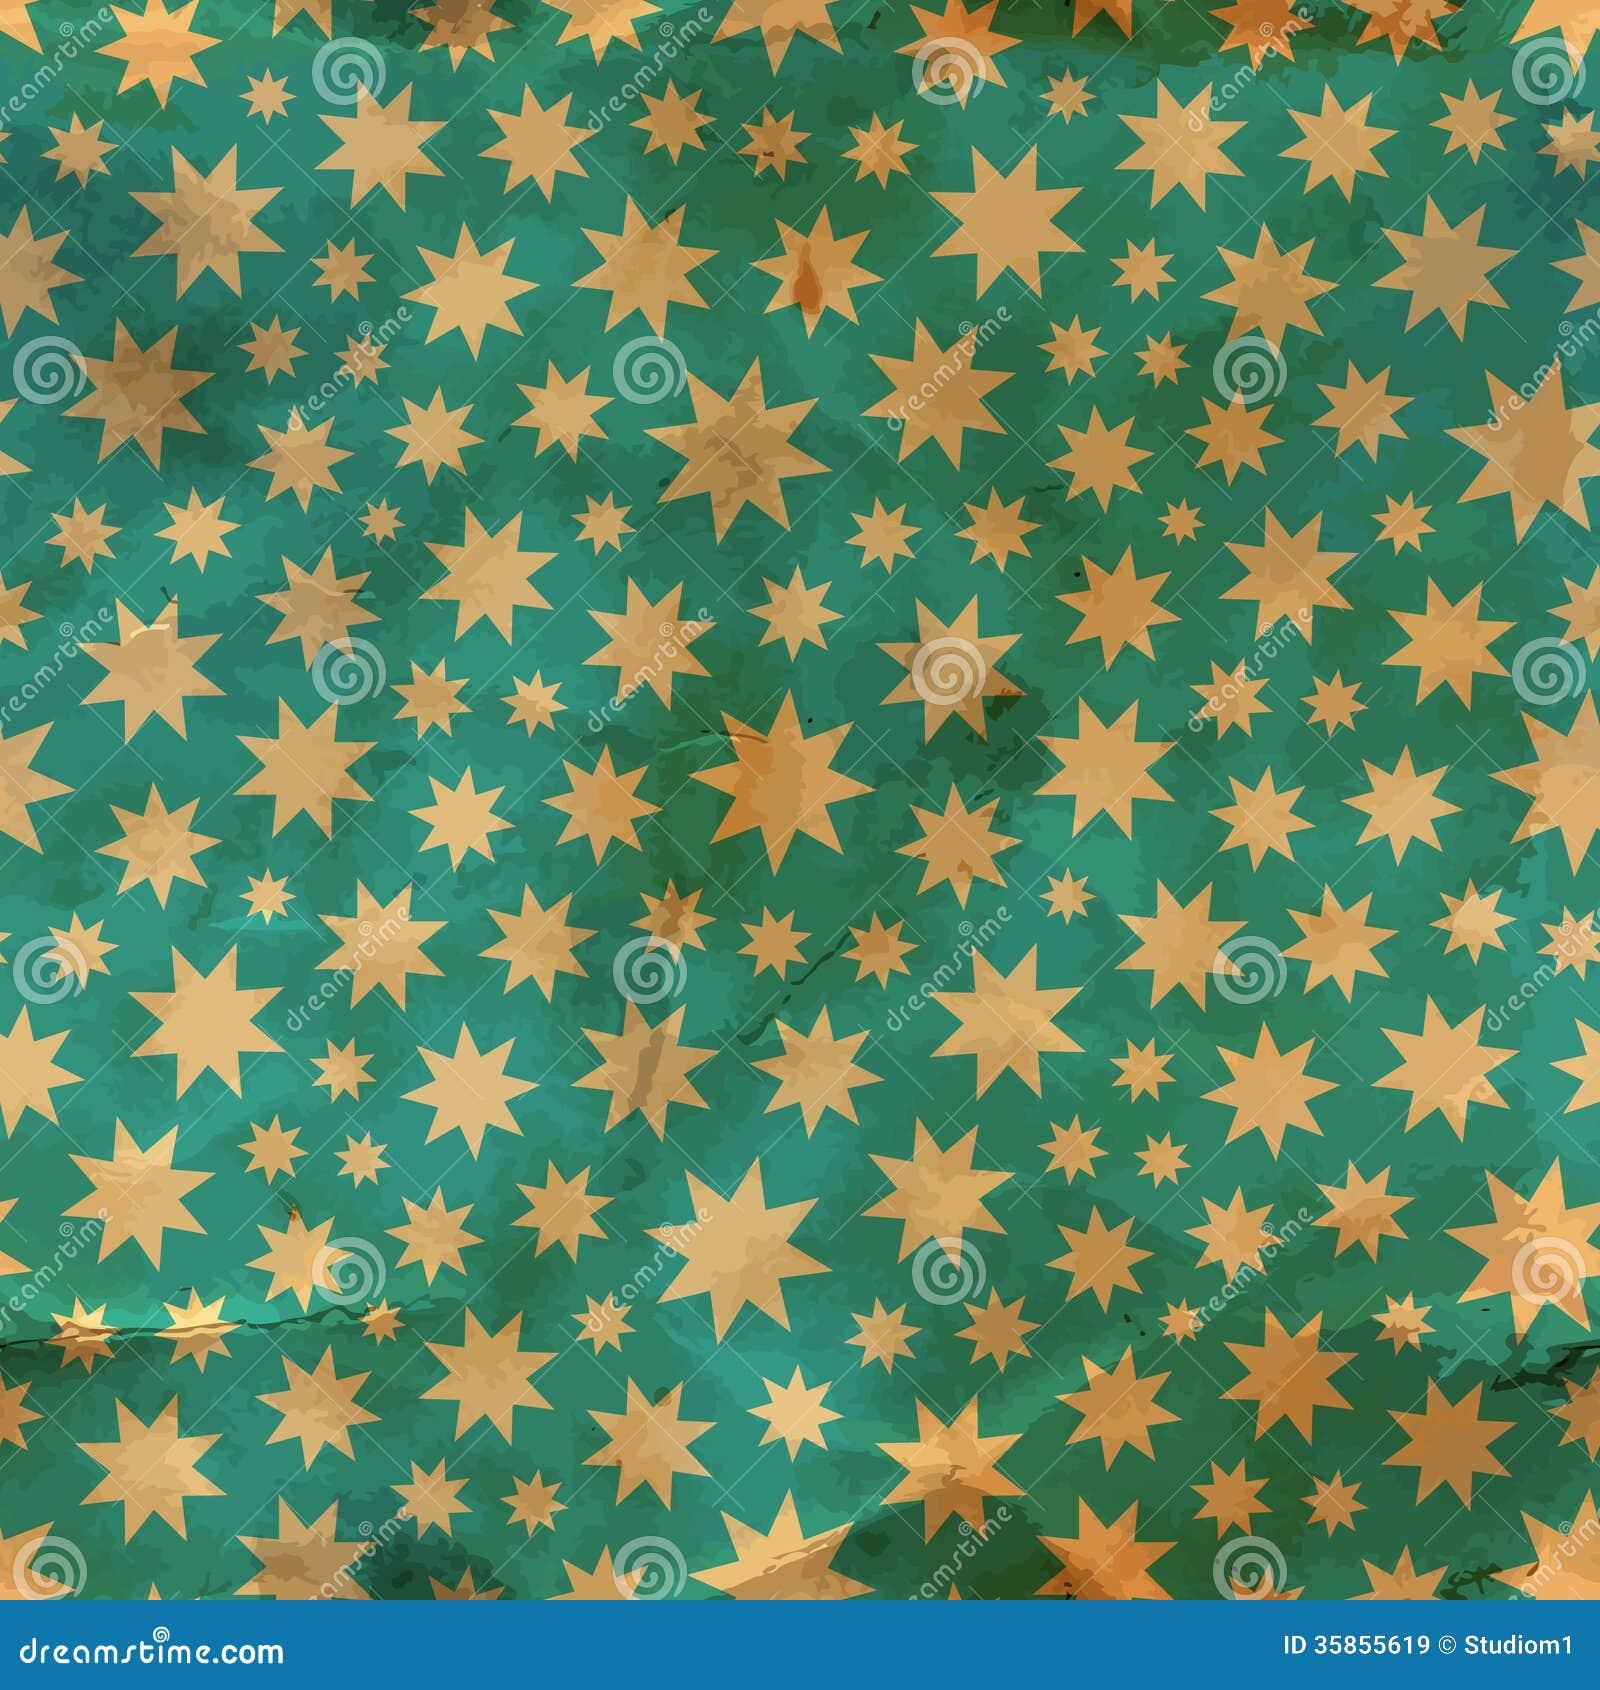 abstractstars abstract stars patterns - photo #12